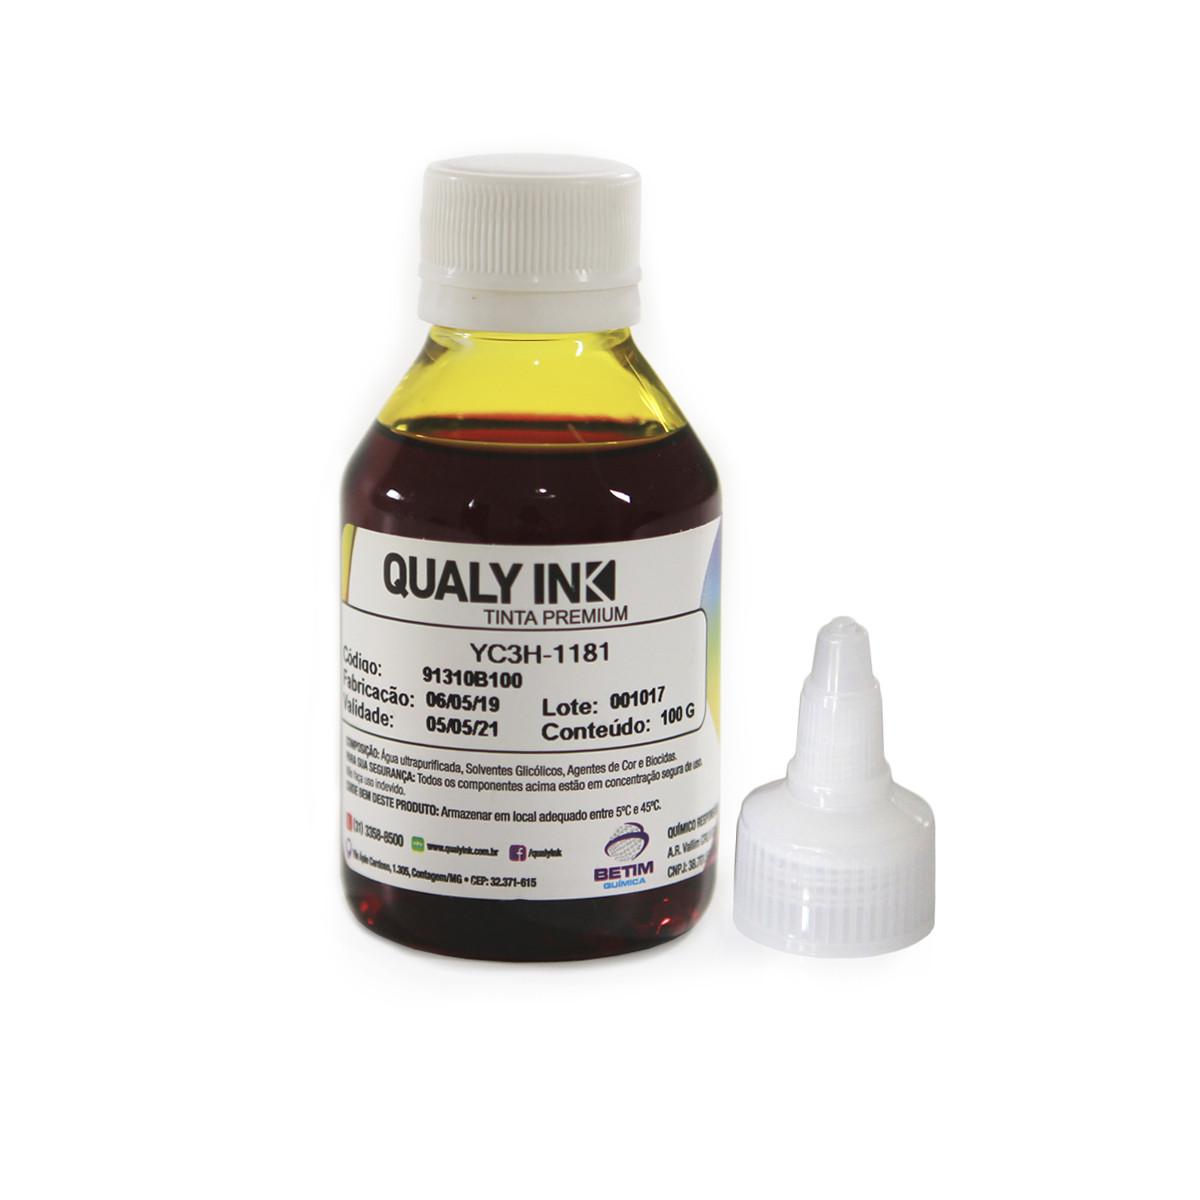 Tinta HP Corante Amarelo Universal com Bico Aplicador YC3H-1181 | Qualy Ink 100g